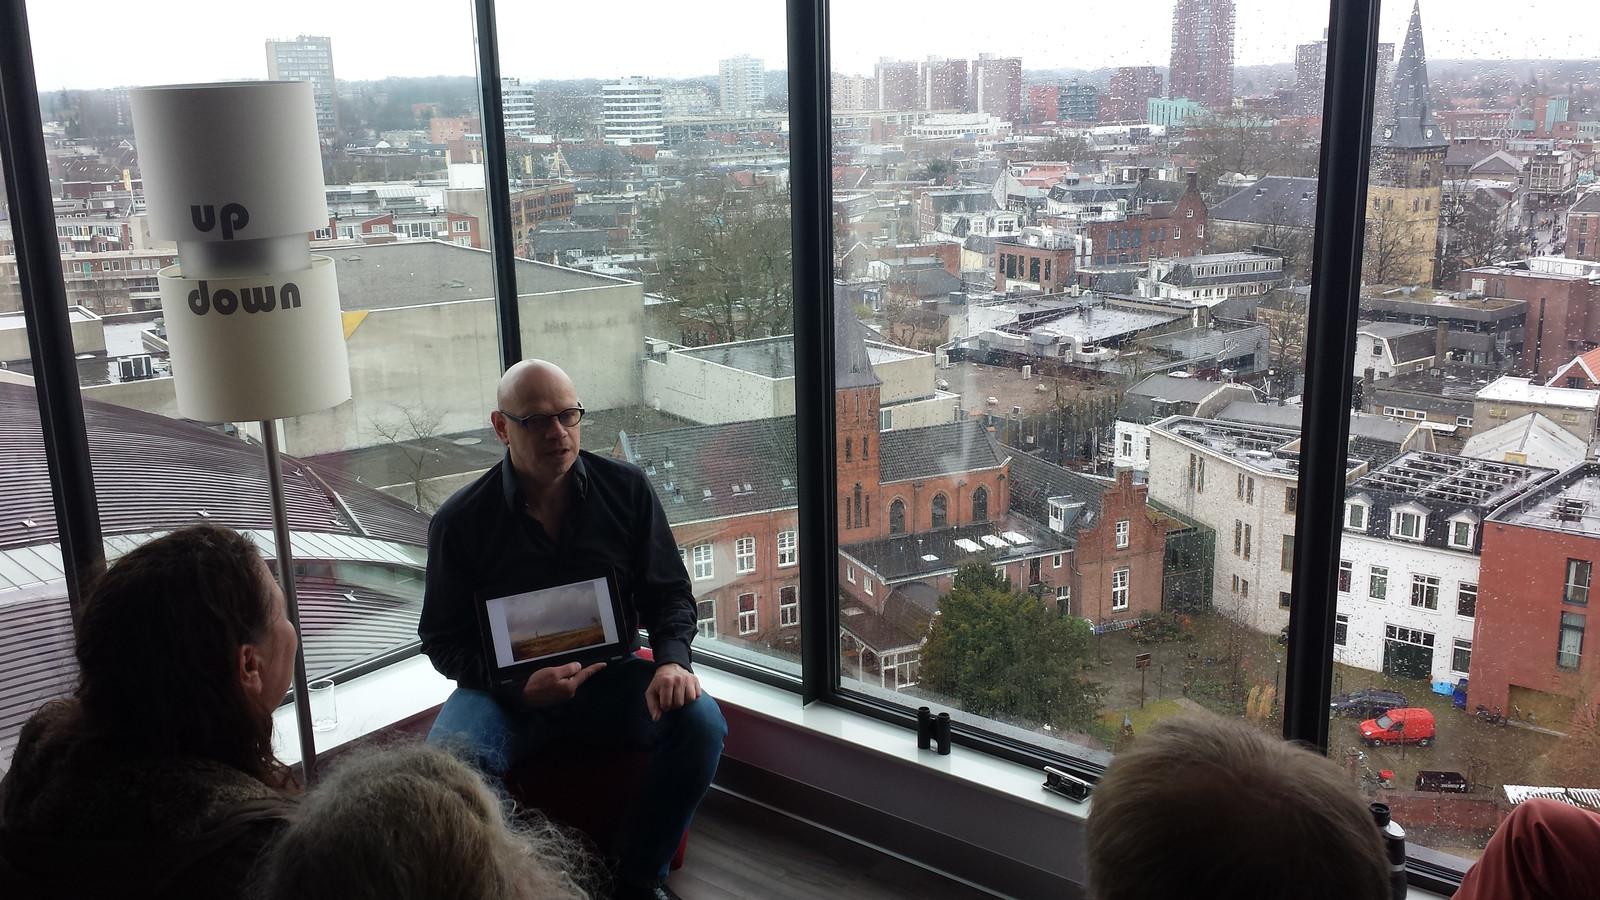 Lesje Geschiedenis In Intercity Hotel Enschede Gedichten Bij